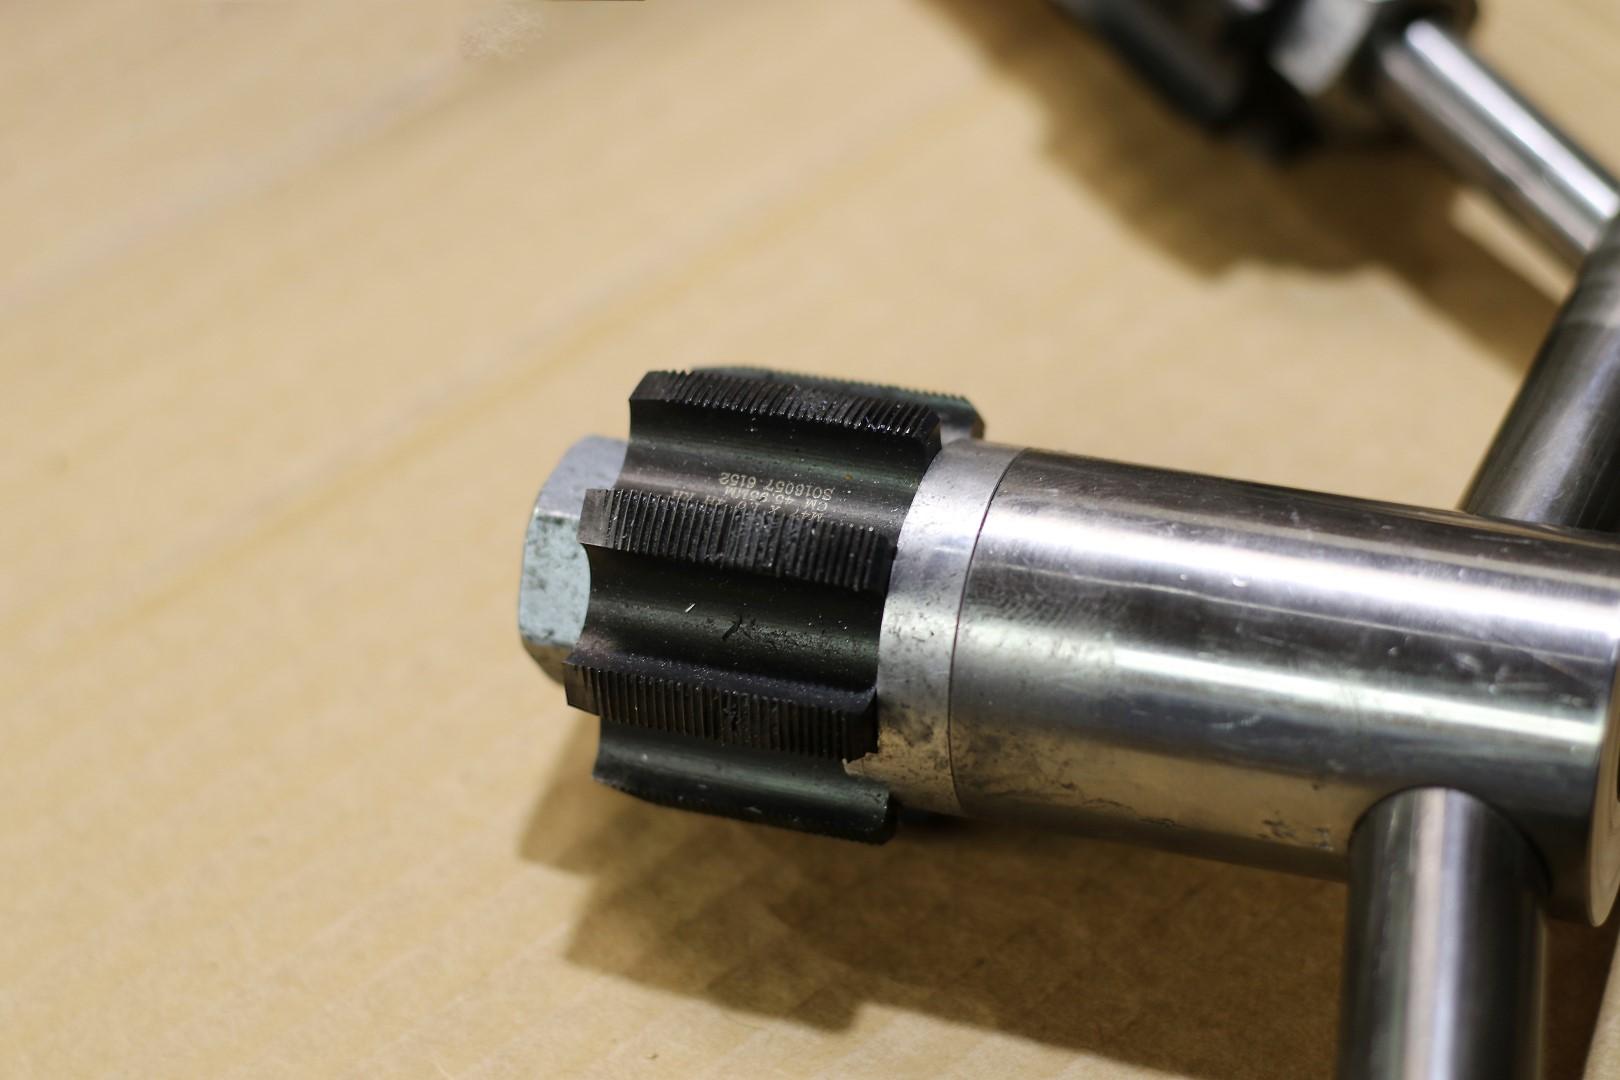 TCF-gallery-blog-tool-T47-tap-handles (5).JPG